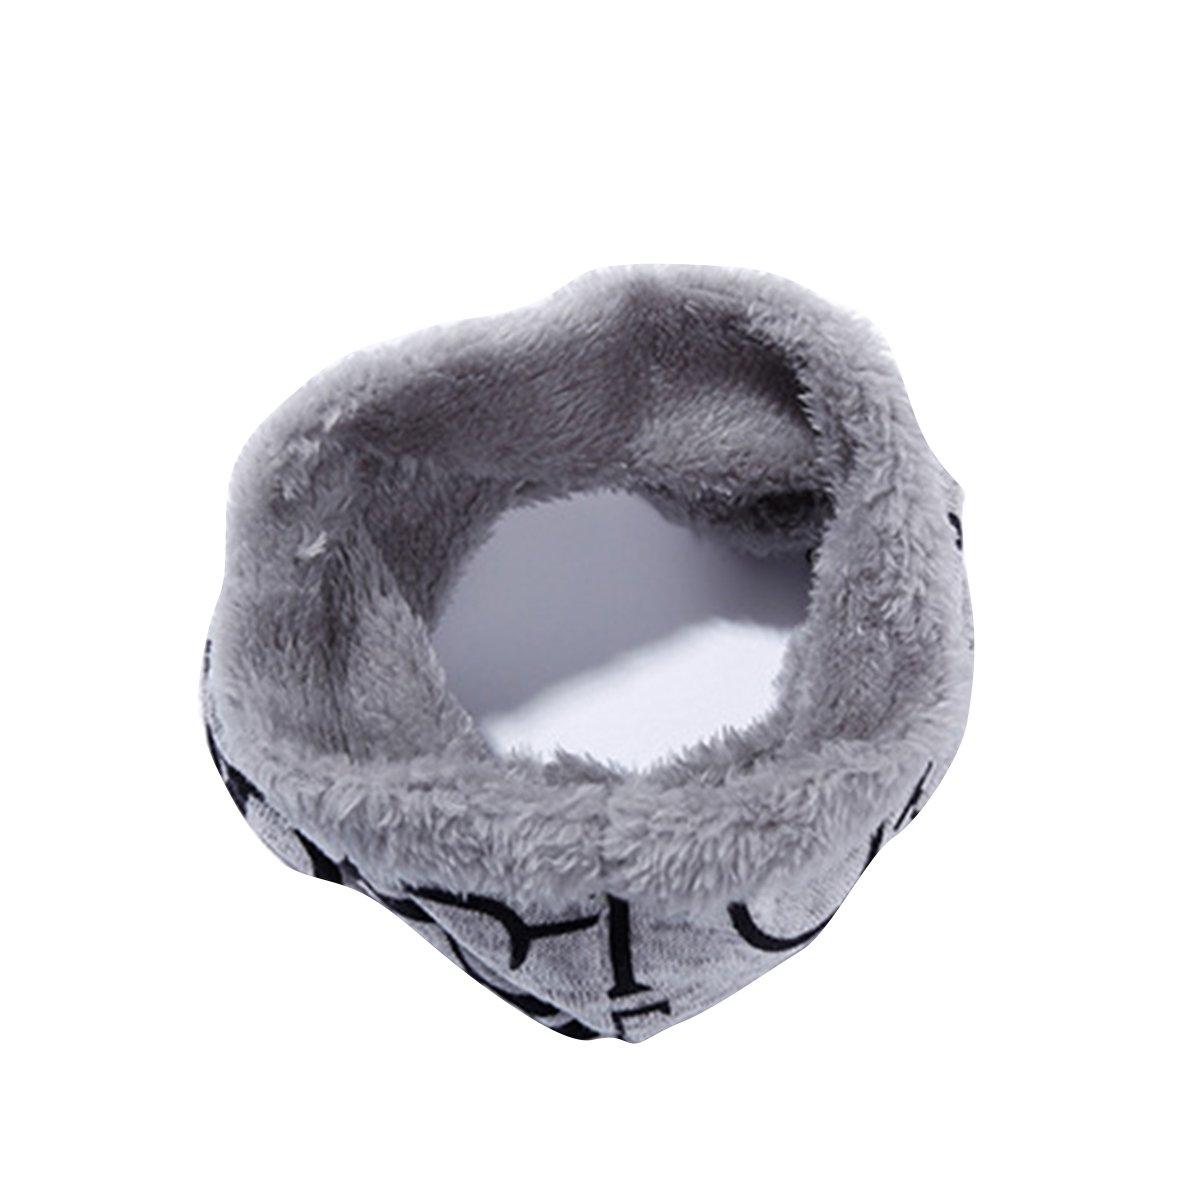 Butterme Forro Polar de Felpa Unisex de Invierno Forro Polar Pañuelo de Cuello Estrella Bufanda de Cuello Estampado ZUMUii ZUMU00006155